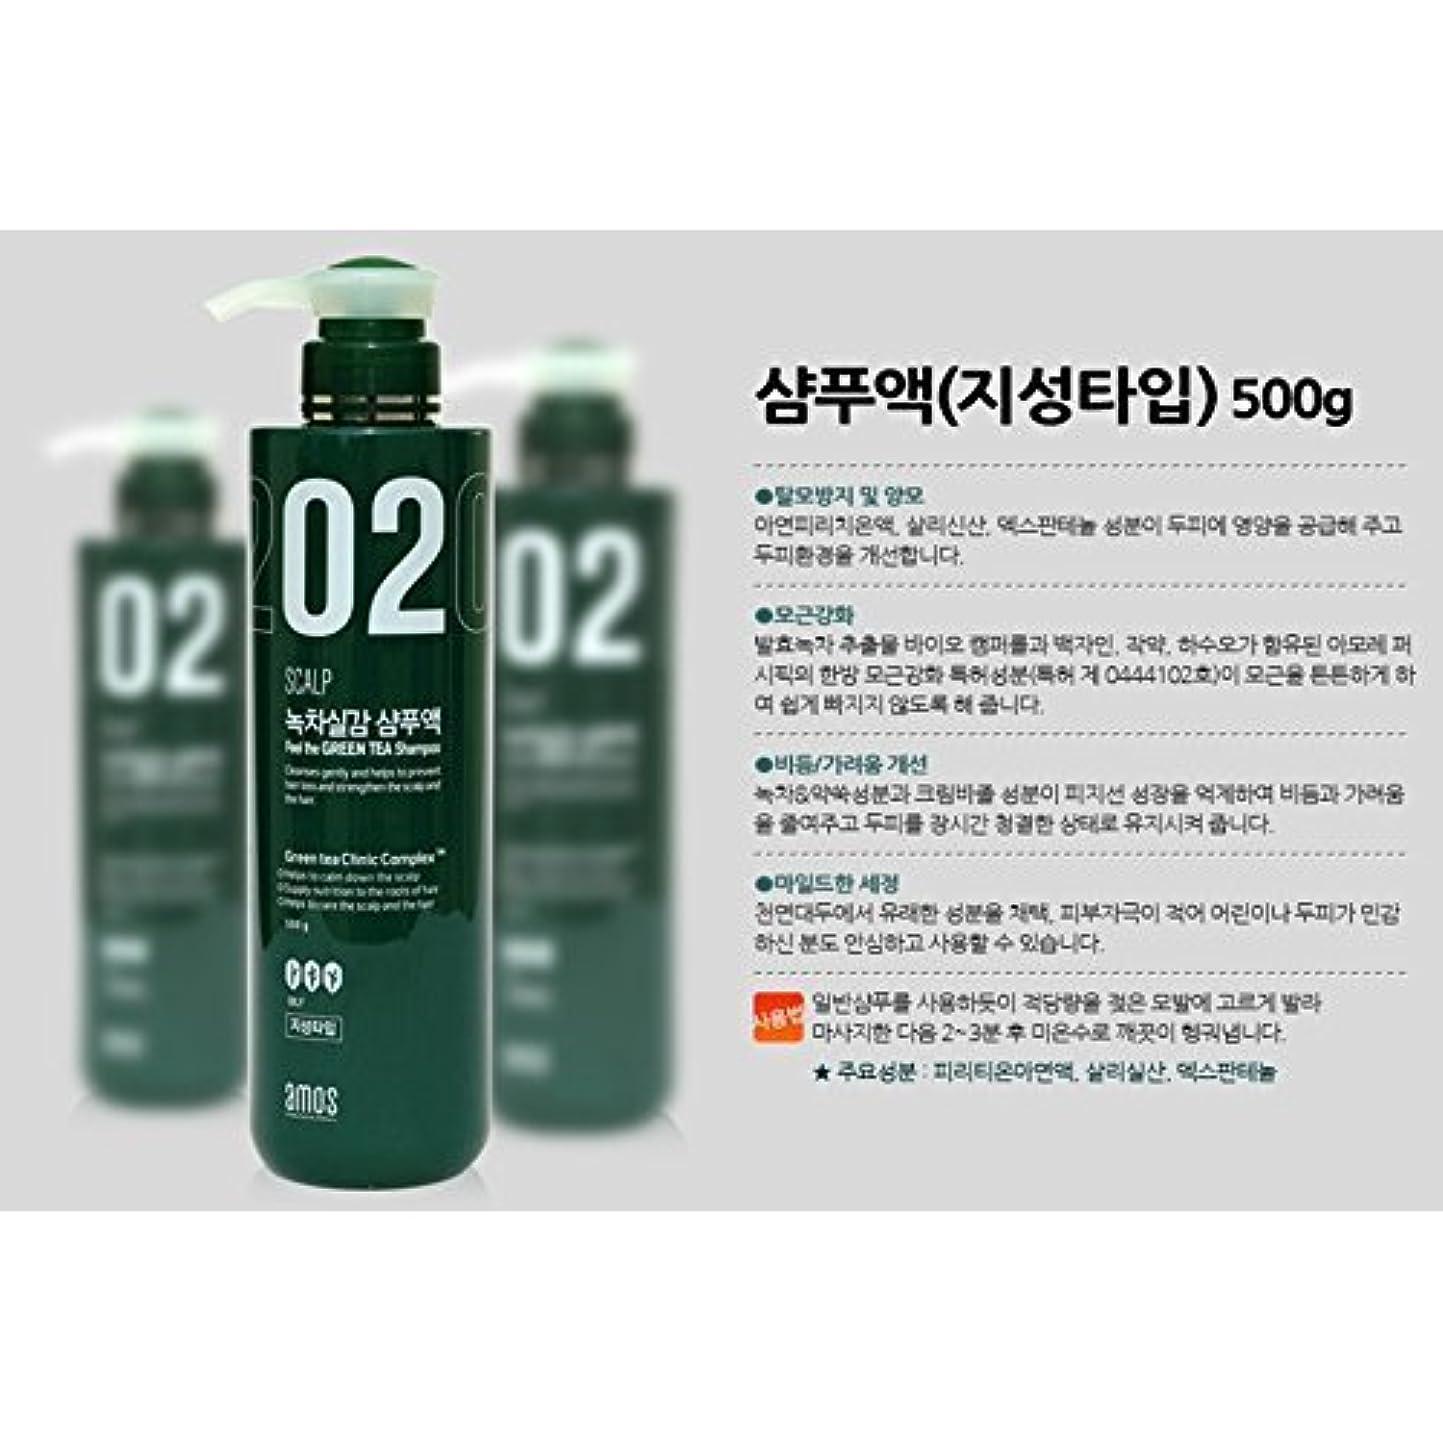 彼女ダイバーペイントAMOREPACIFIC amos scalp feel the green tea shampoo for oily, made in Korea, Kstyle, anti hair fall 500g